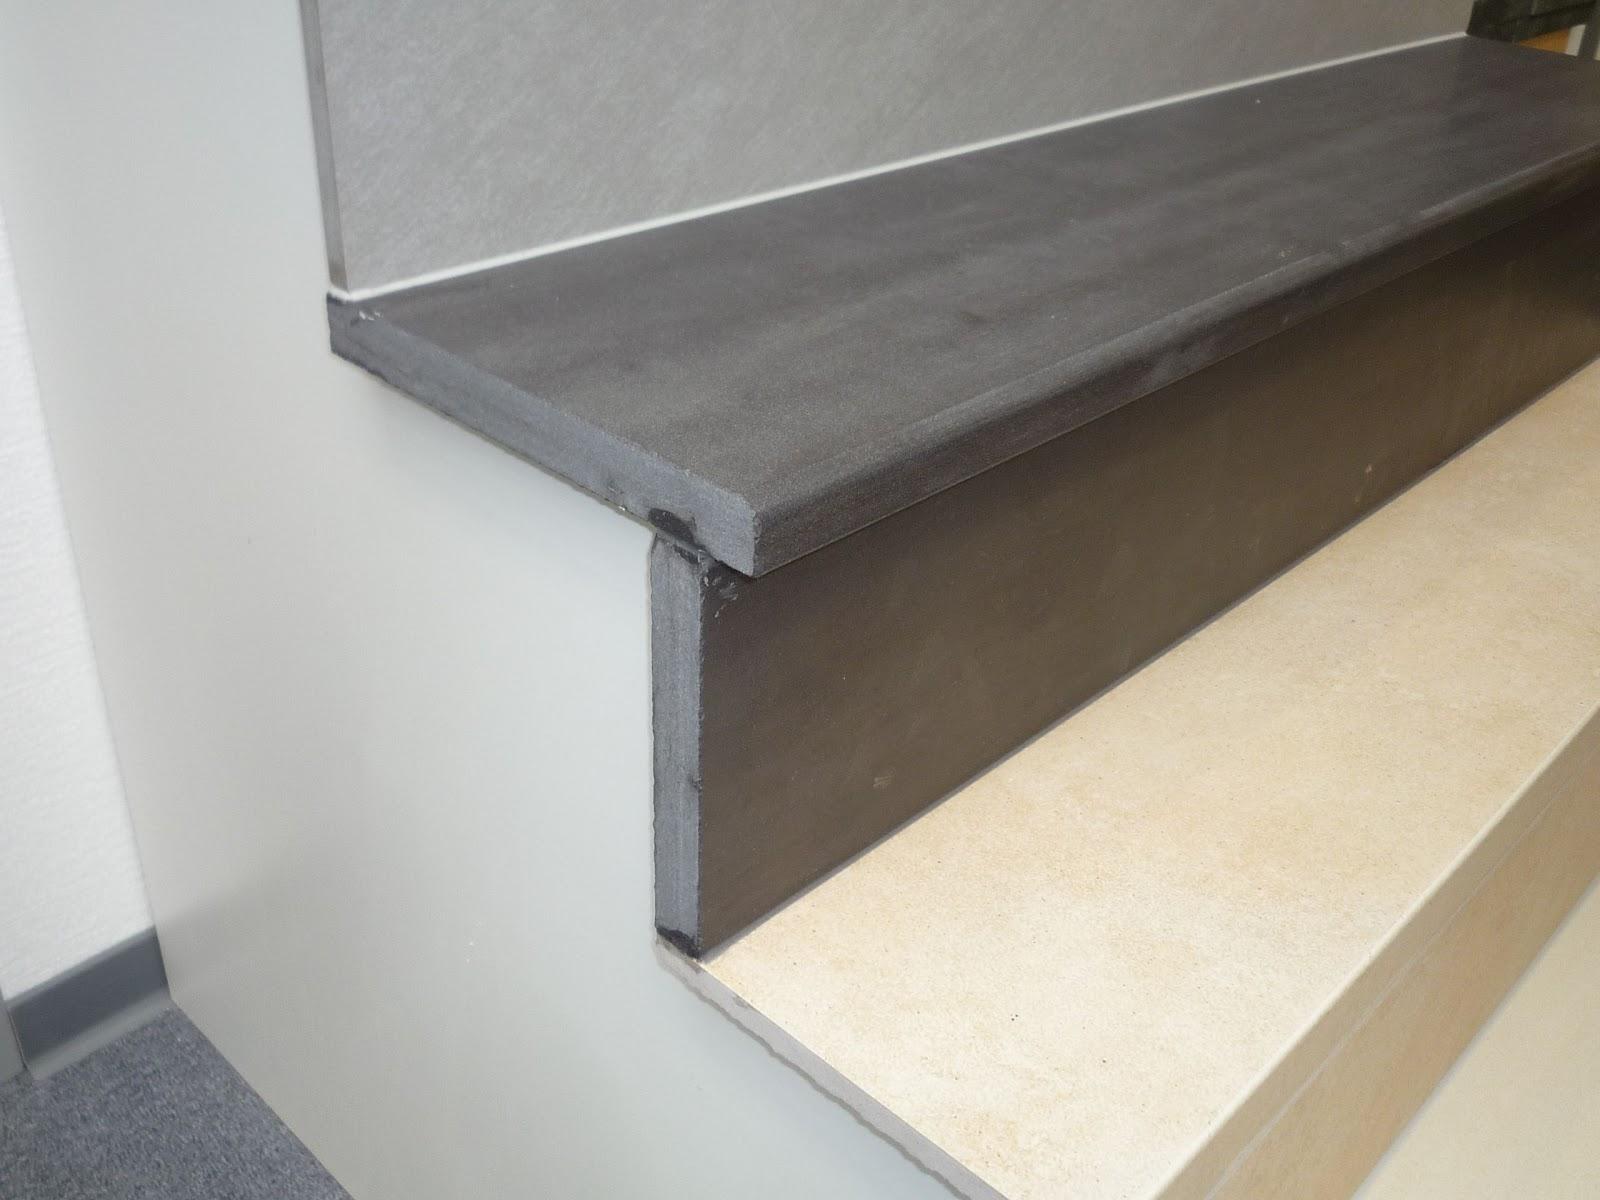 fliesen aussen auf beton betonplatten auf plattenlager verlegen bauforum auf. Black Bedroom Furniture Sets. Home Design Ideas